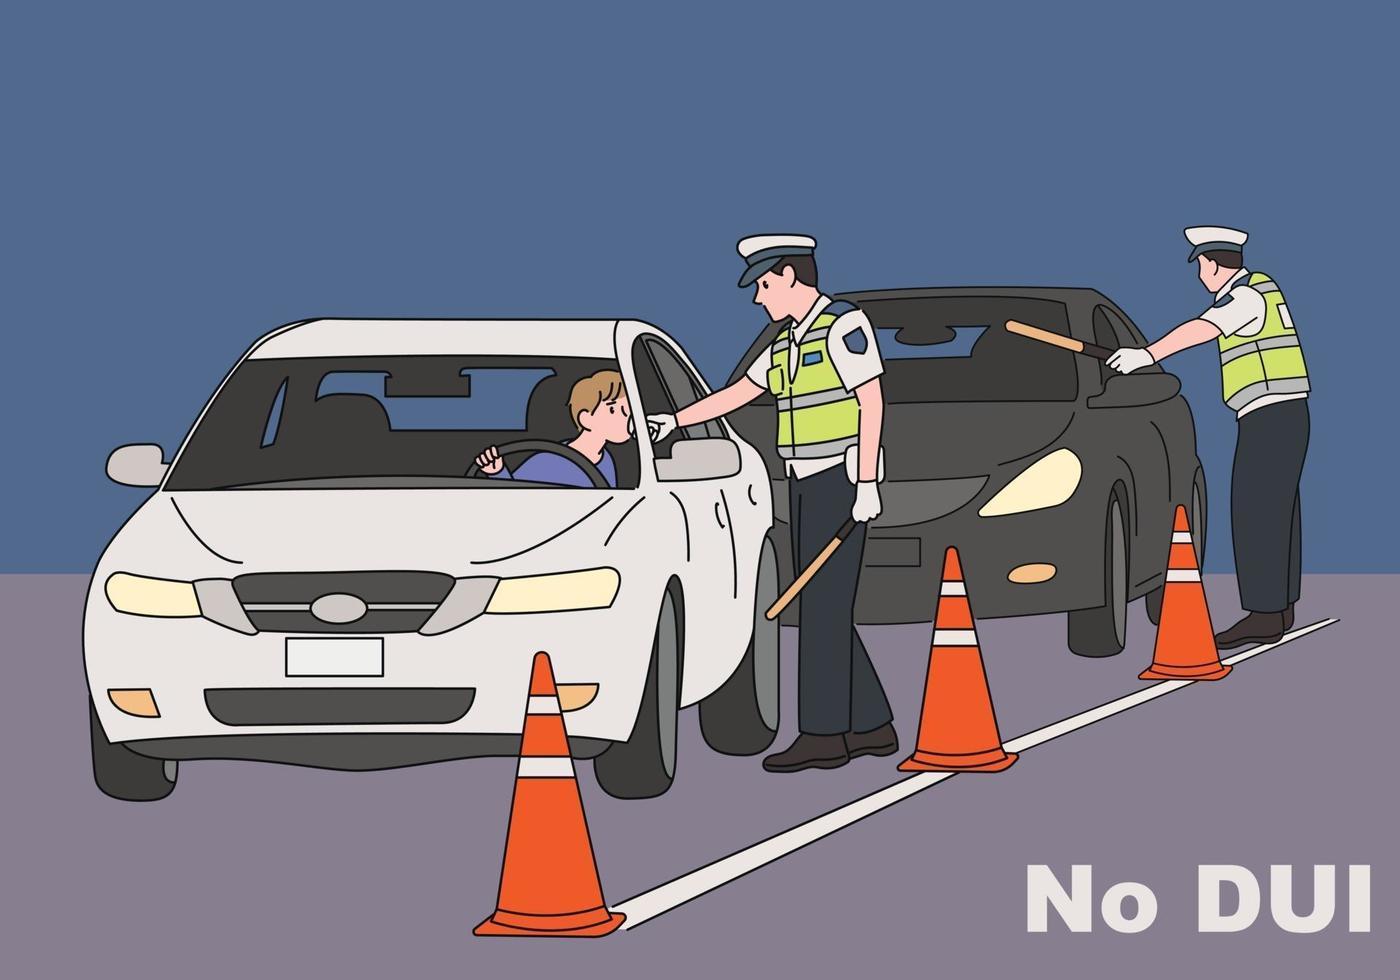 a polícia de trânsito está reprimindo a bebida. mão desenhada estilo ilustrações vetoriais. vetor